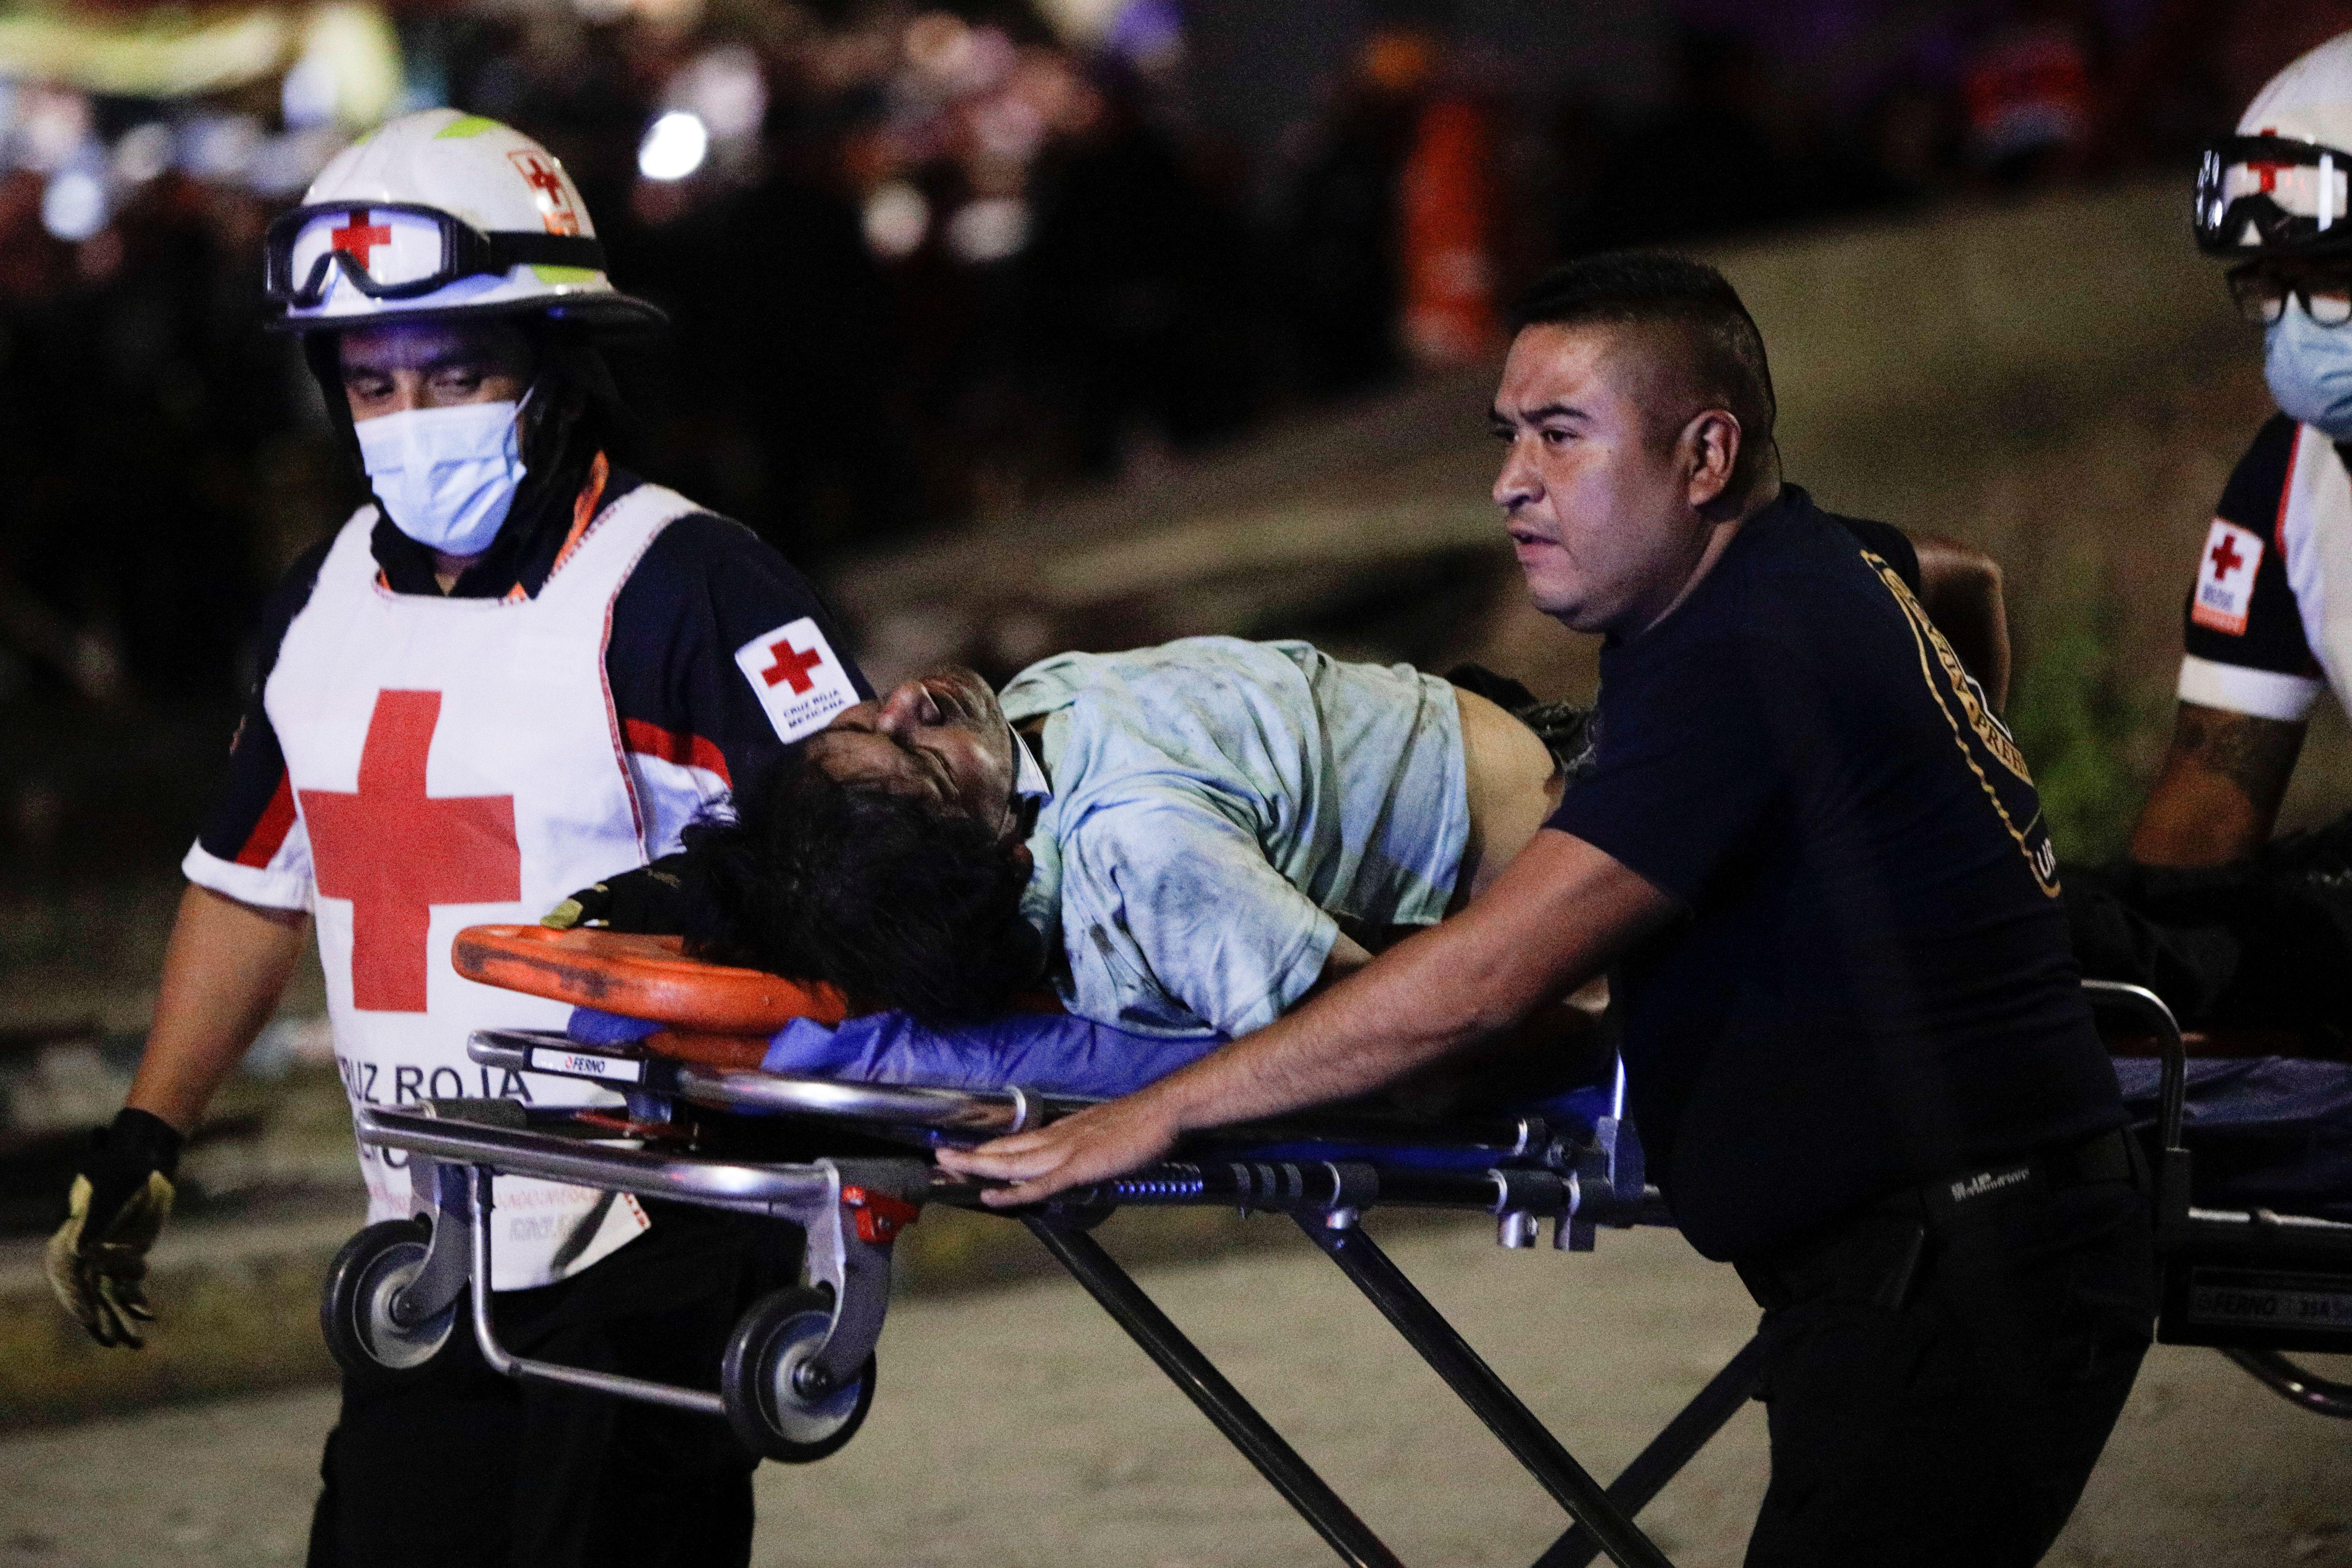 Luis Cortes/REUTERS